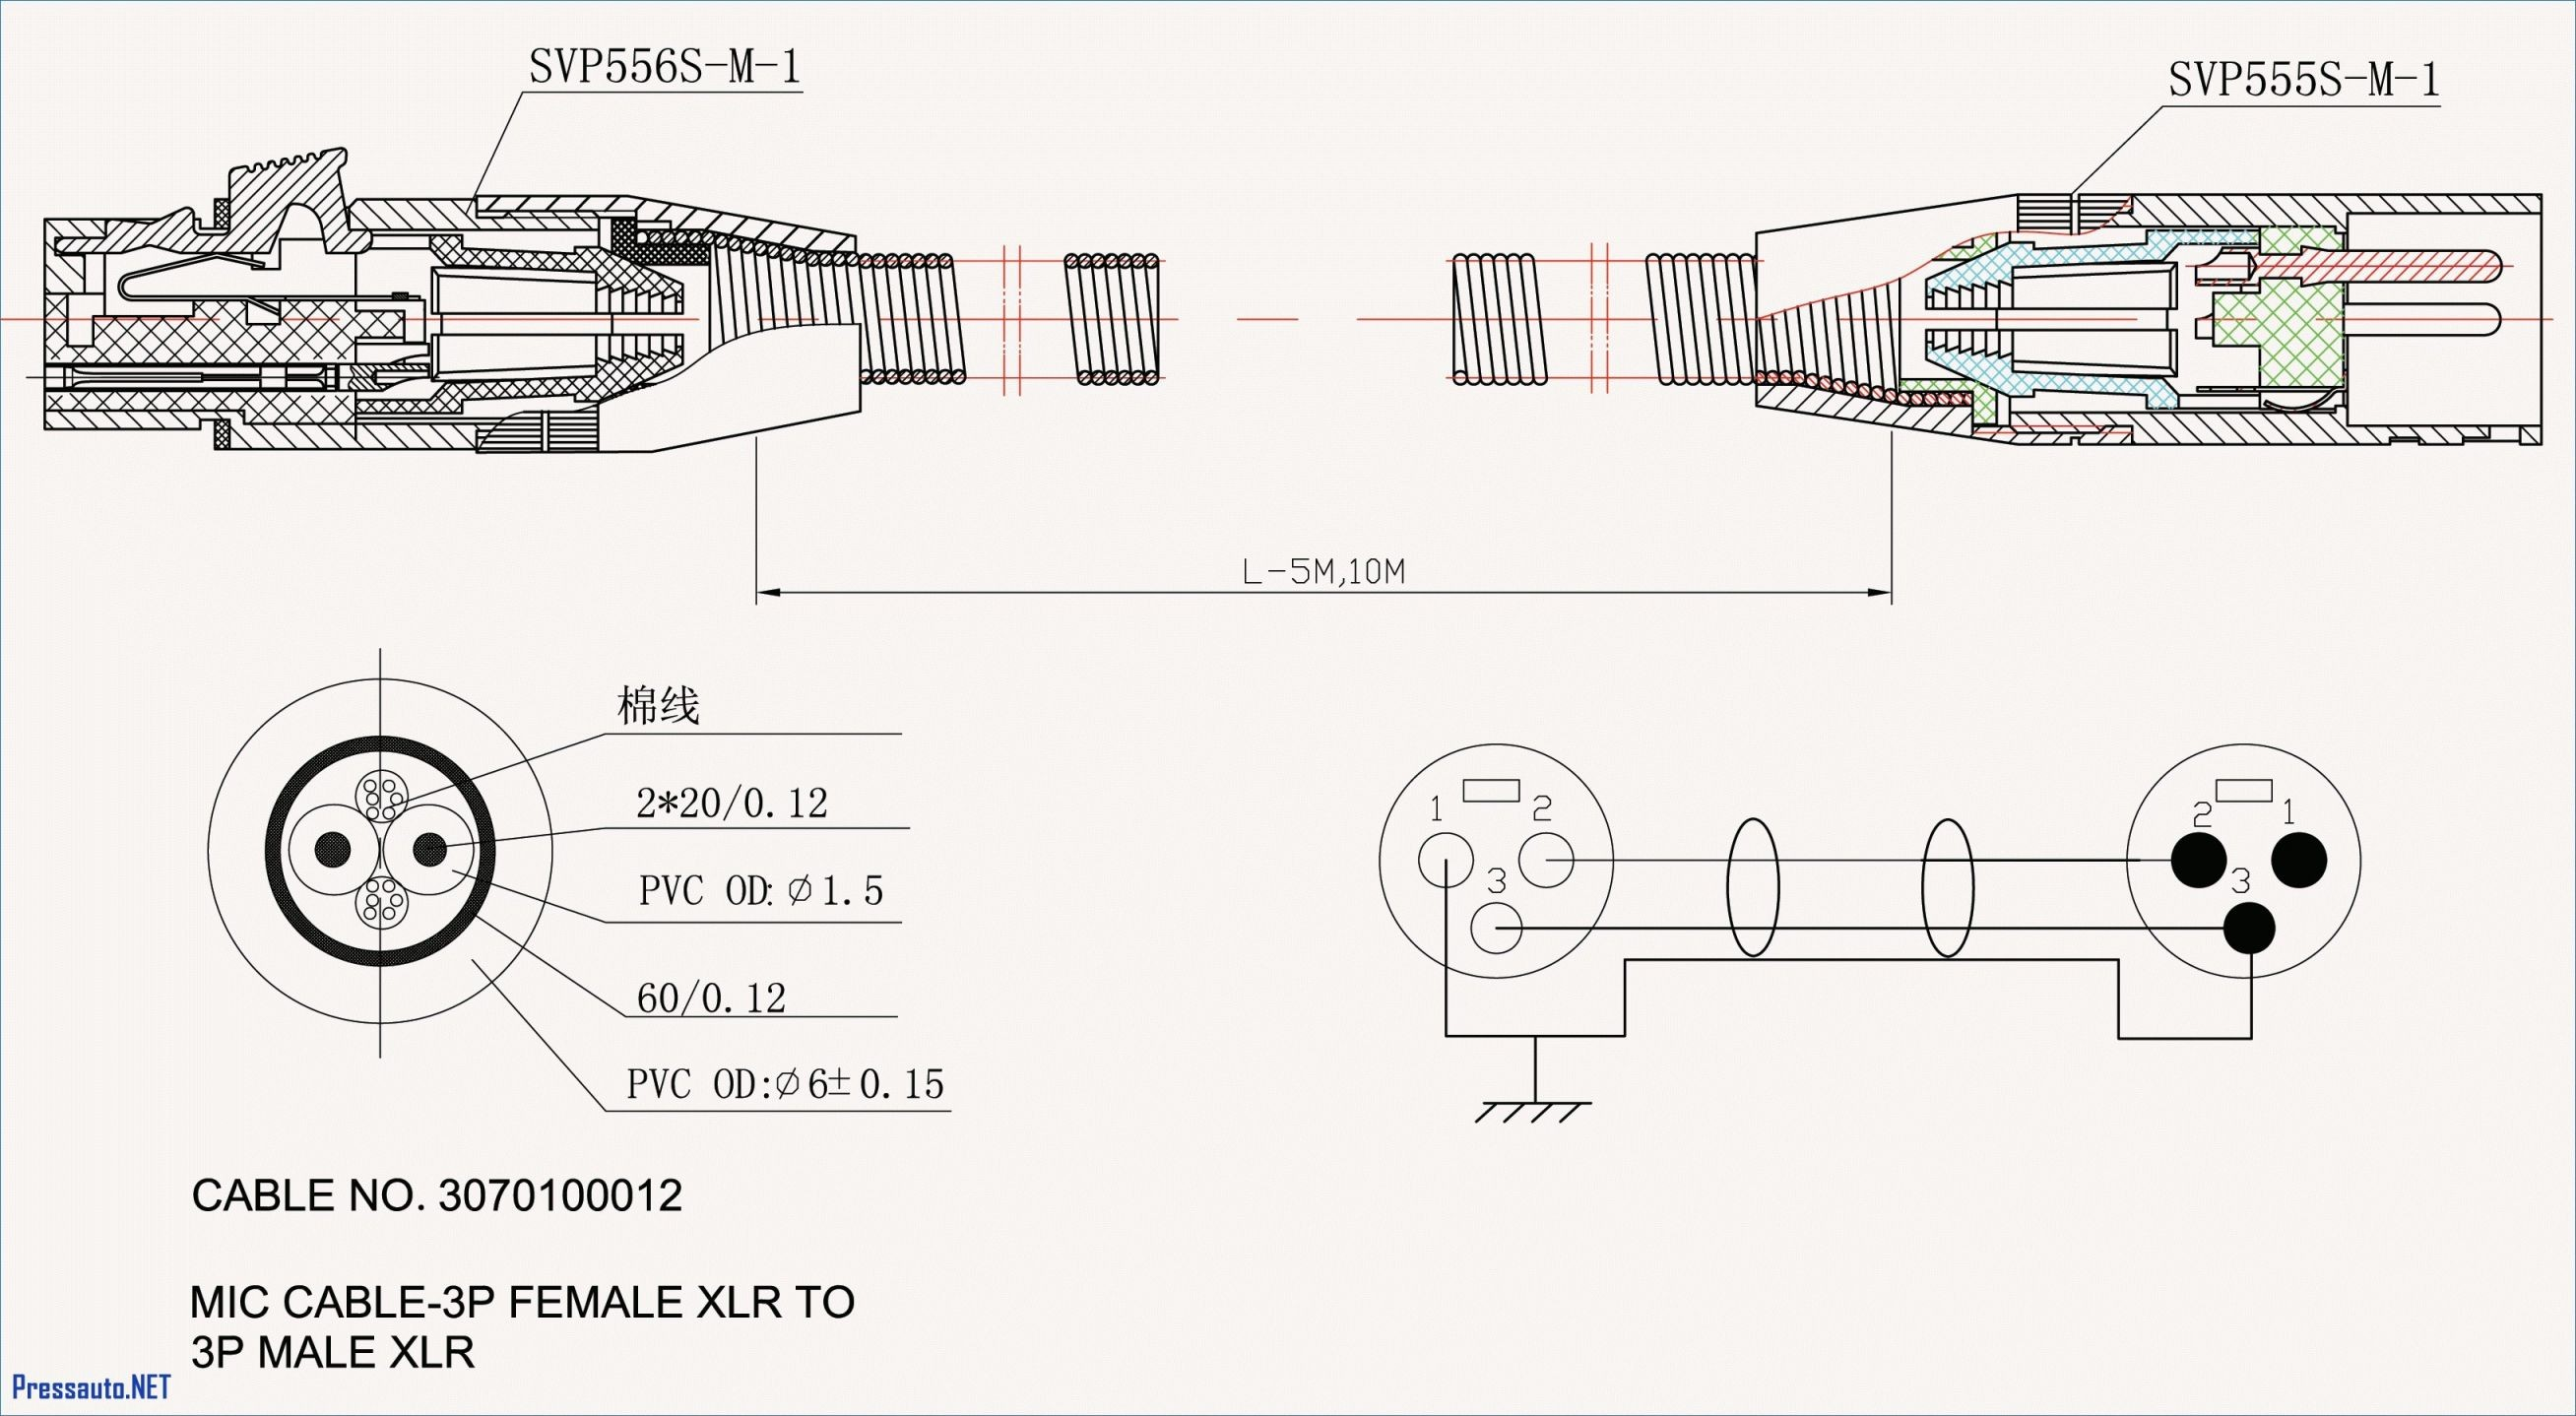 [SCHEMATICS_4LK]  B70 2wire Gm Alt Wiring Diagram | Wiring Library | Gm Alt Wiring Diagram |  | Wiring Library